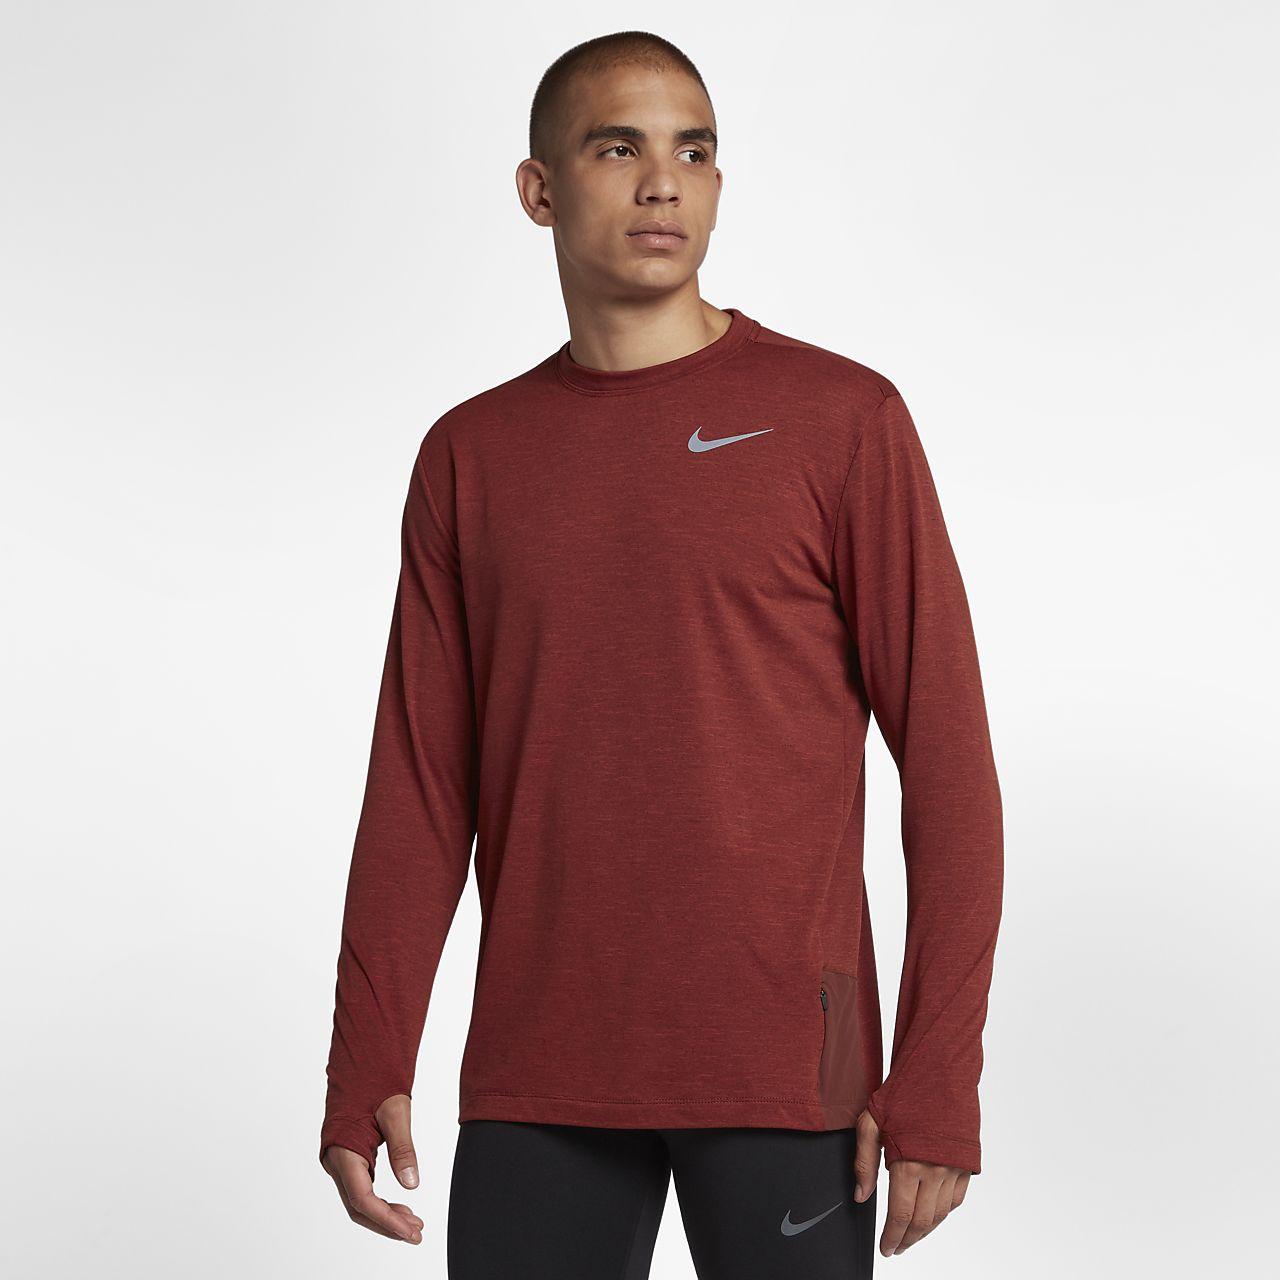 Långärmad löpartröja Nike Sphere 2.0 för män